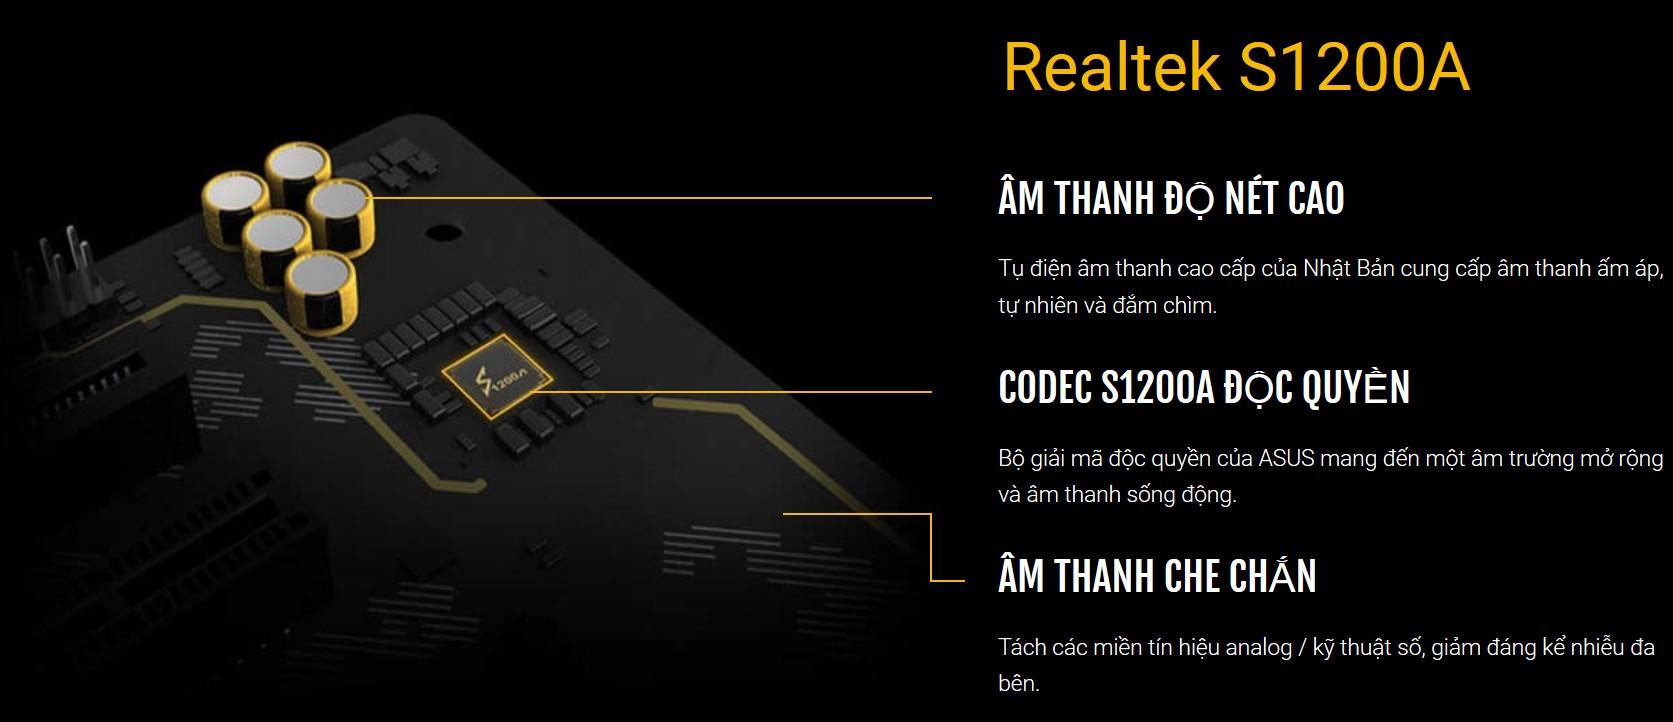 Bộ giải mã Realtek S1200A